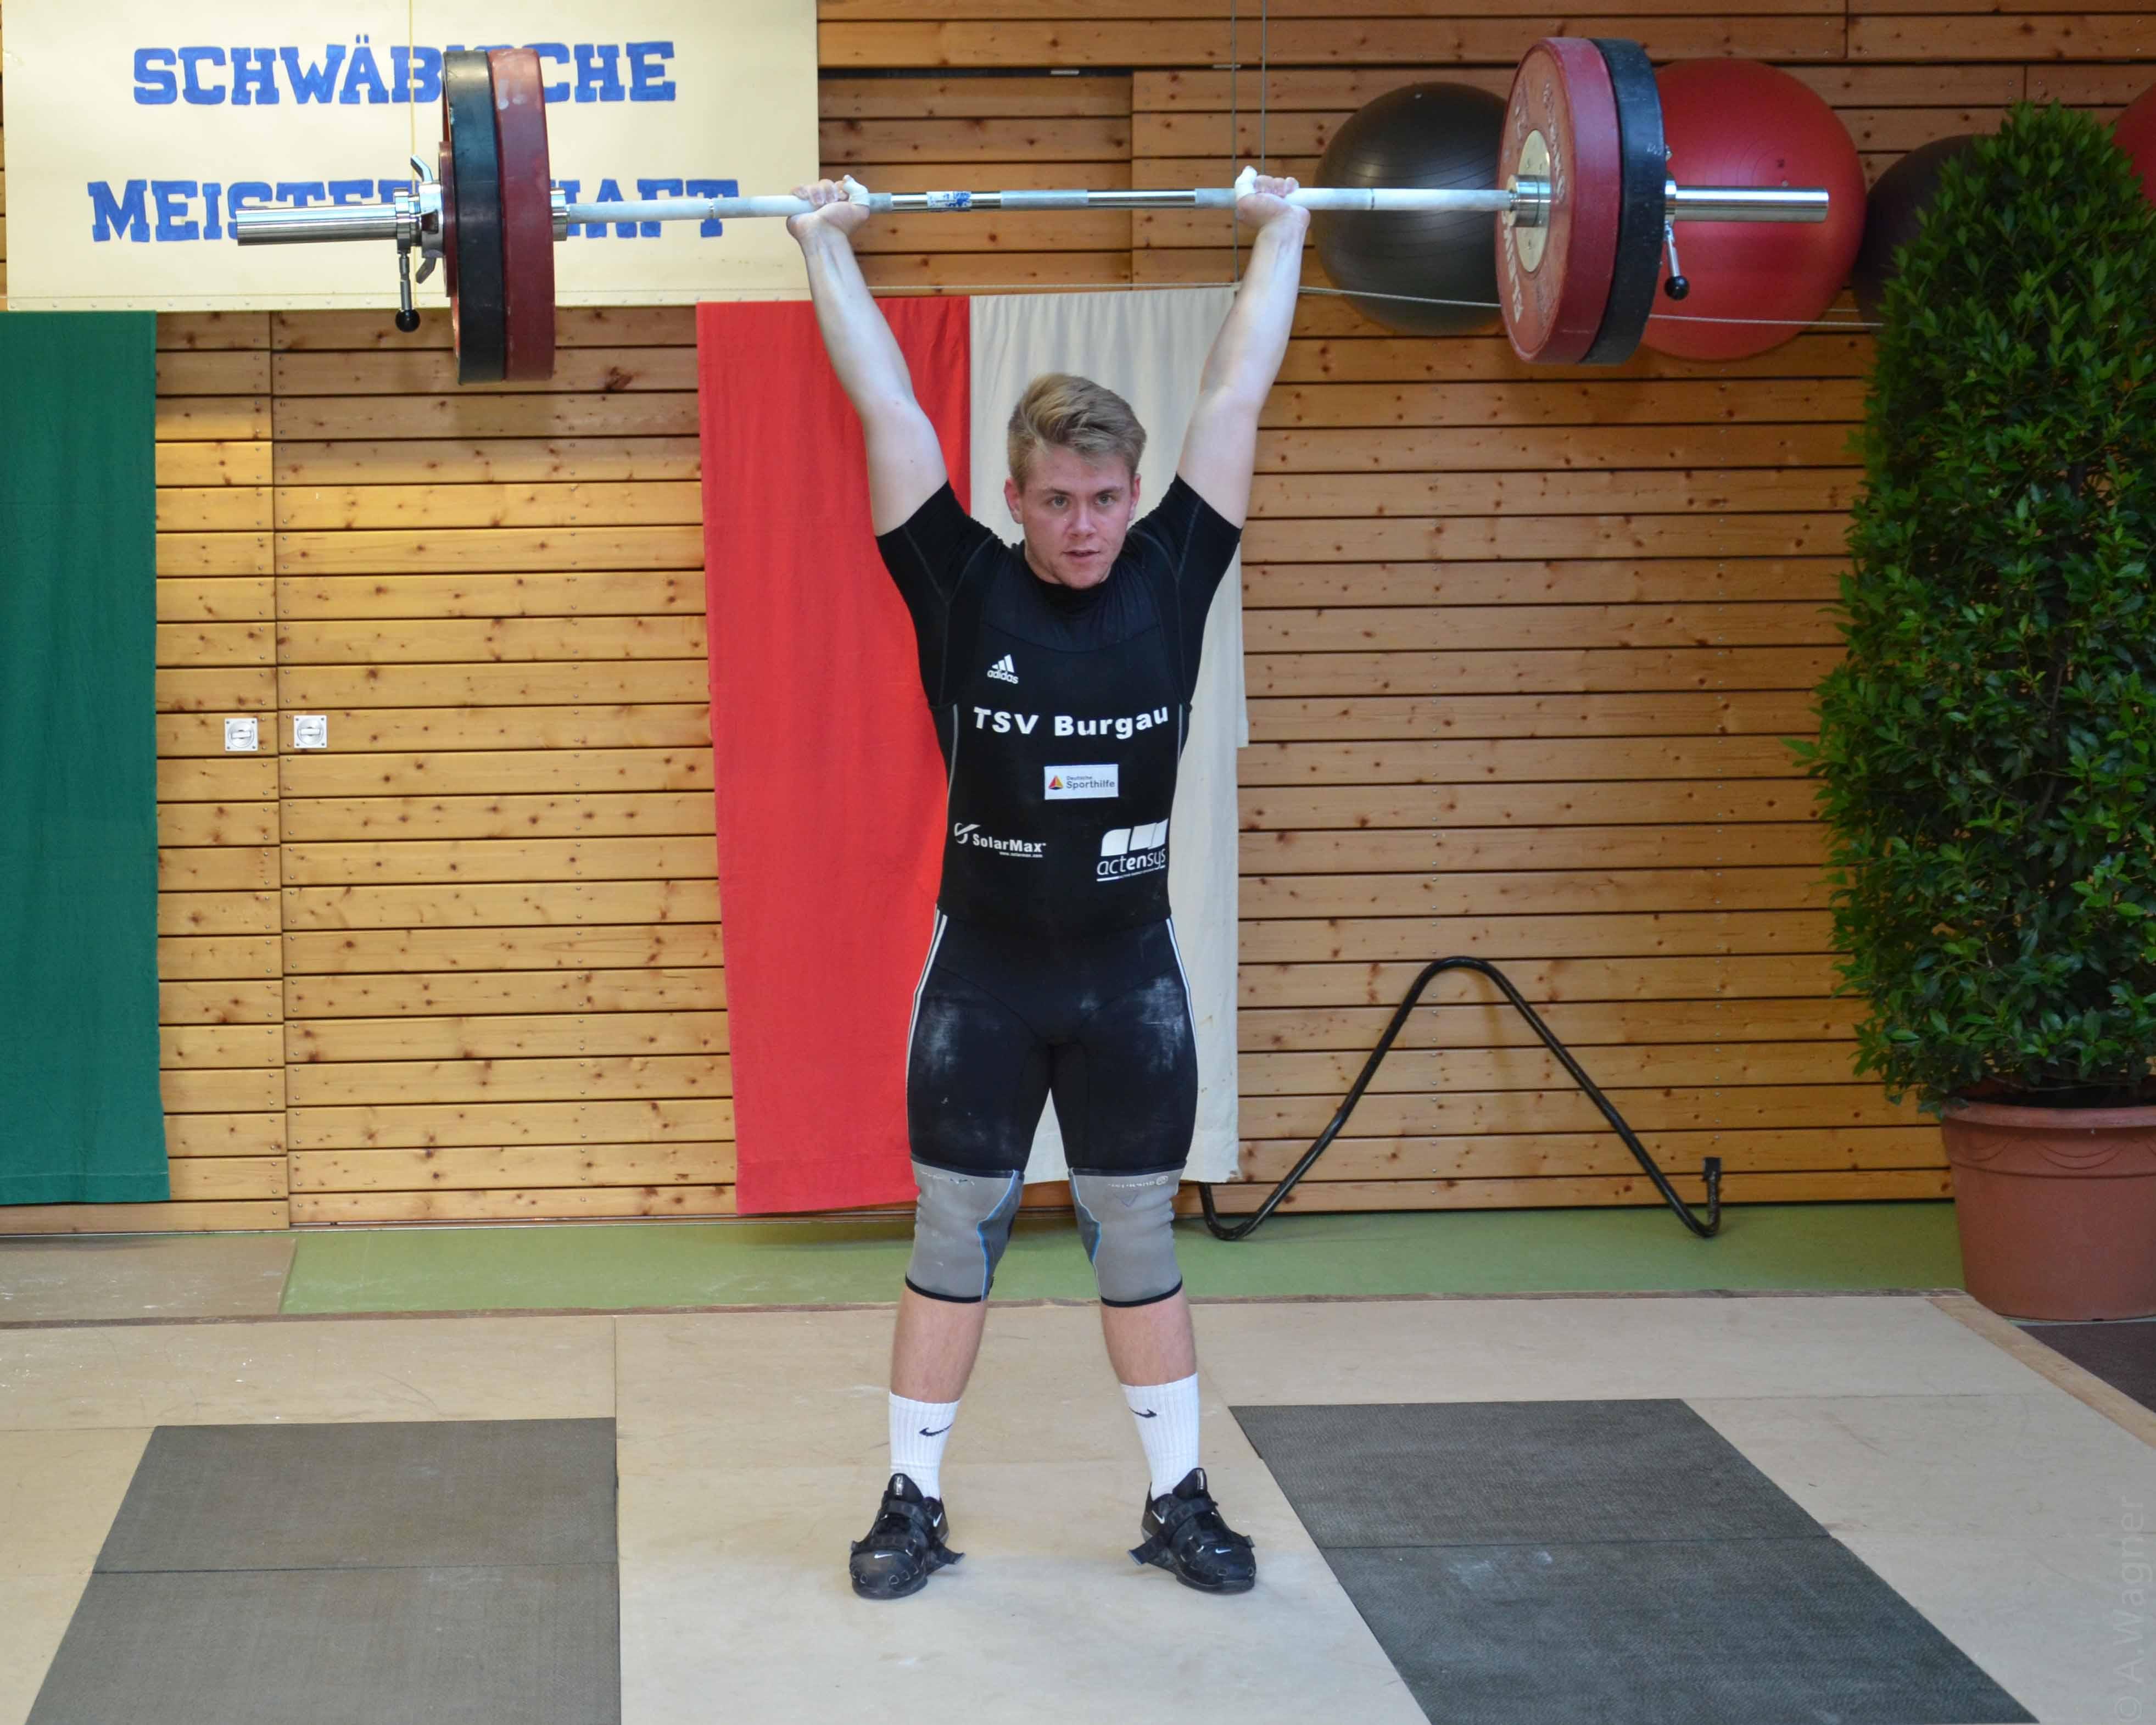 Schwäbische_Meisterschaft_2017__(33_von_55)